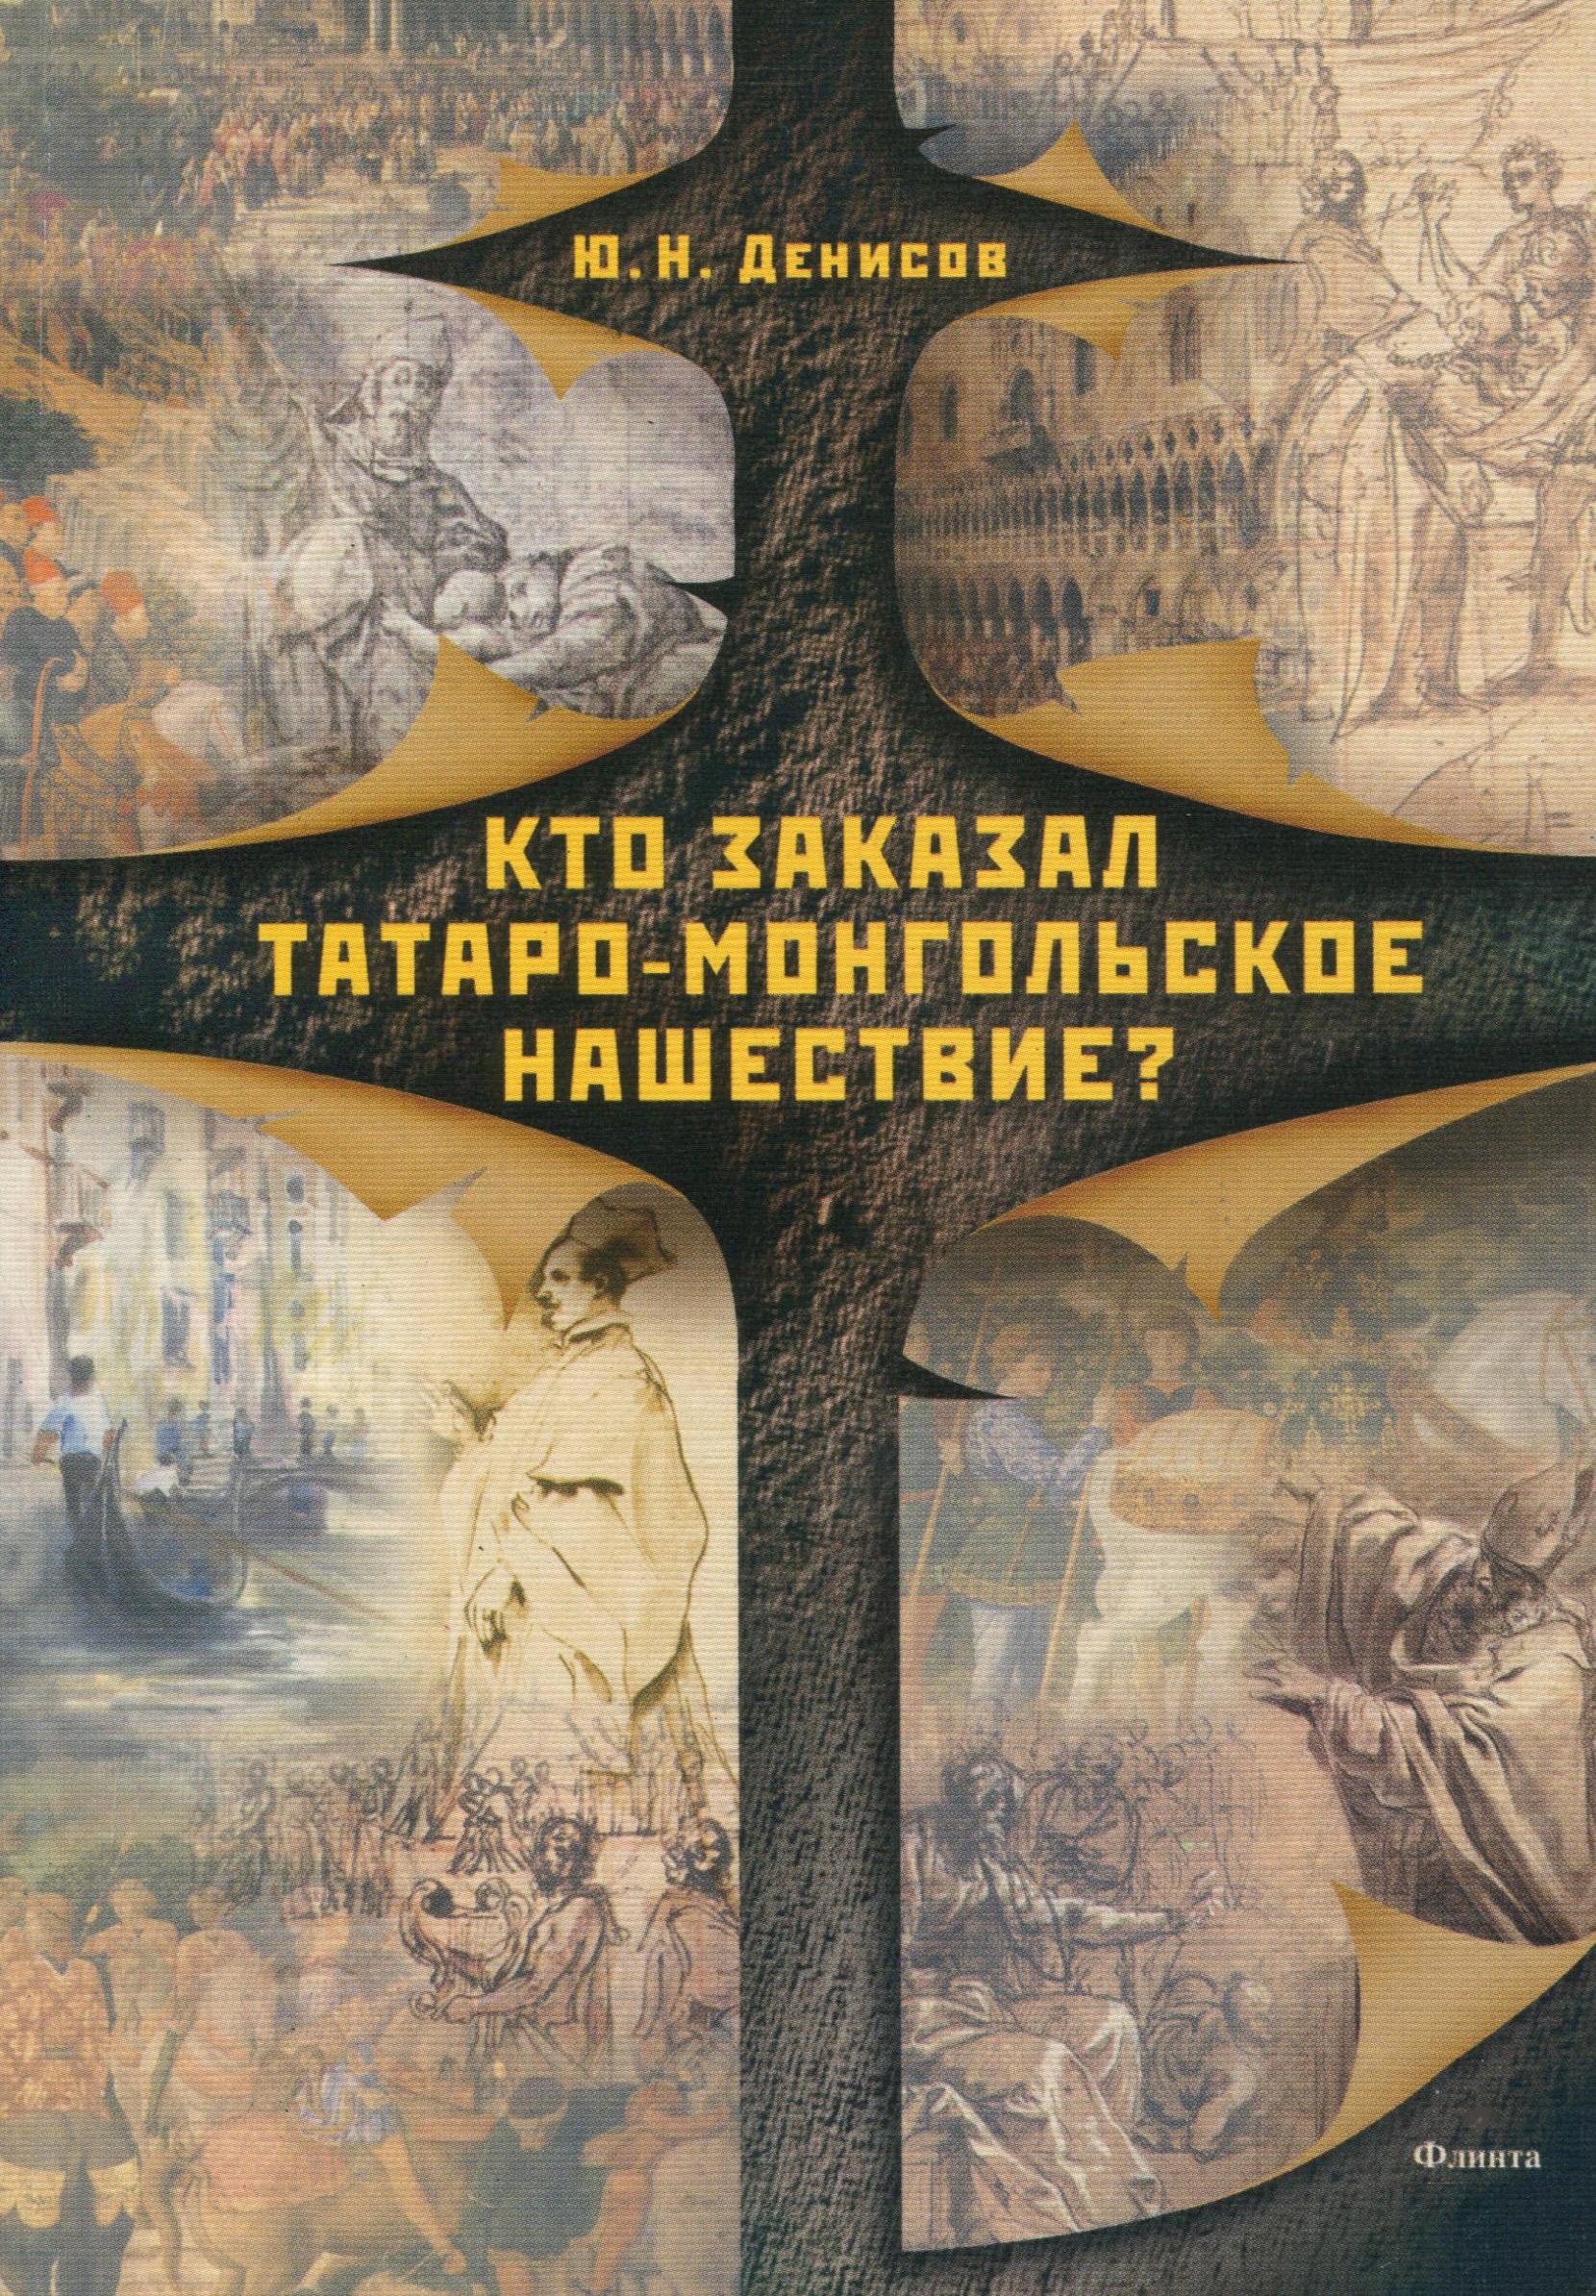 Кто заказал татаро-монгольское нашествие?